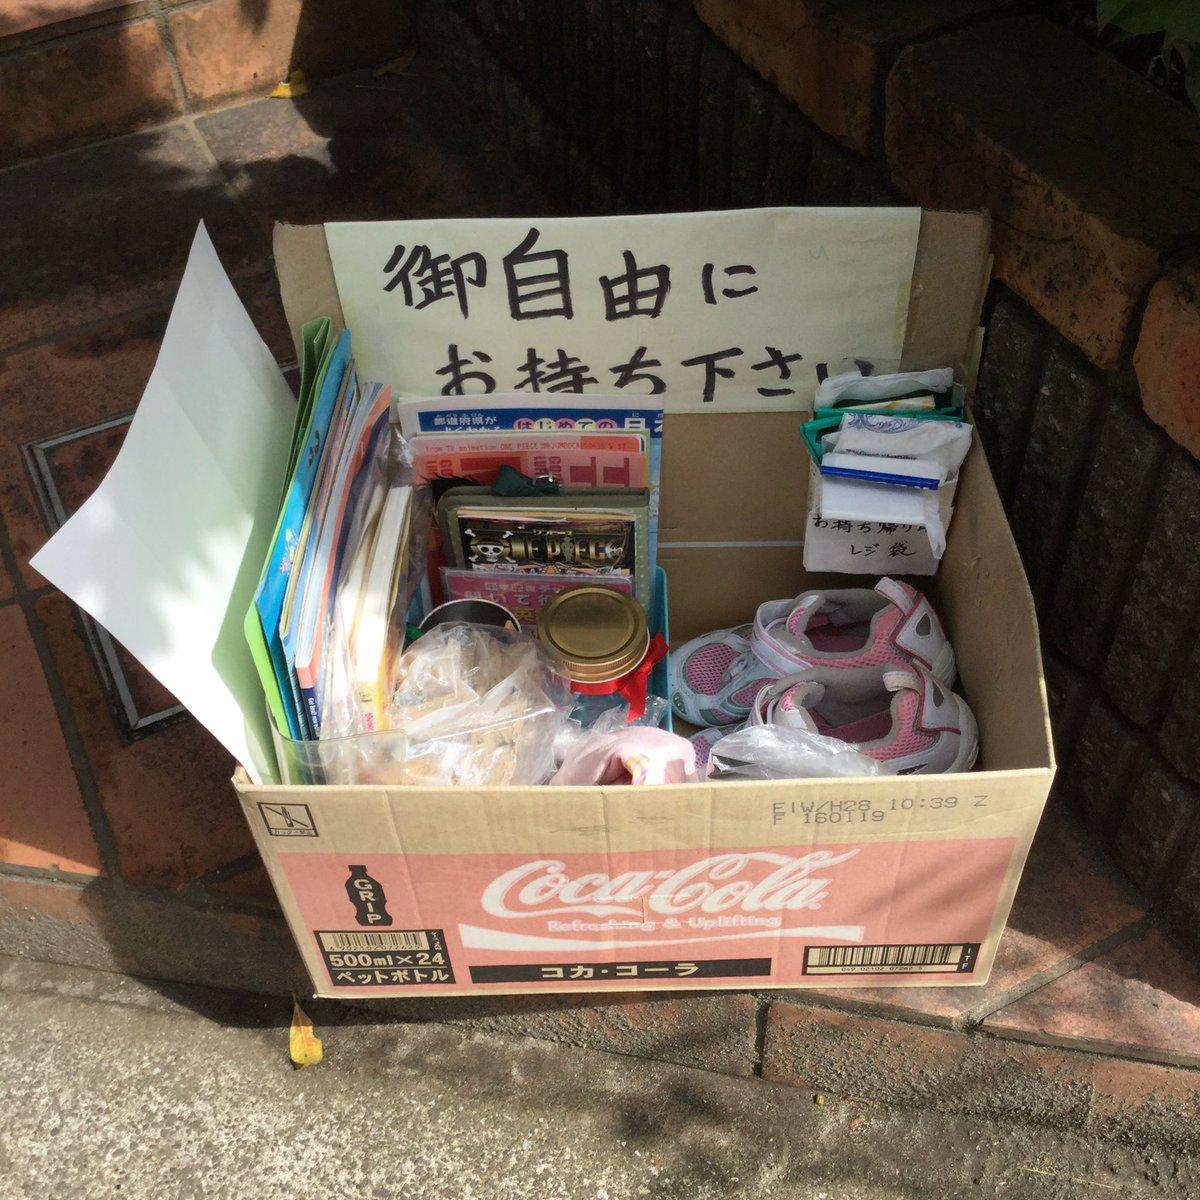 ドイツでは、まだ使える不用品を、捨てるのではなく箱に入れて「zu verschenken(差し上げます)」と張り紙をしておくと、道行く人が物色して持っていくのが一般的なんだけど、今日はとうとう散歩中にその日本版に出会った!  日本ももっとみんなこれやったら良いのに。とてもエコ。